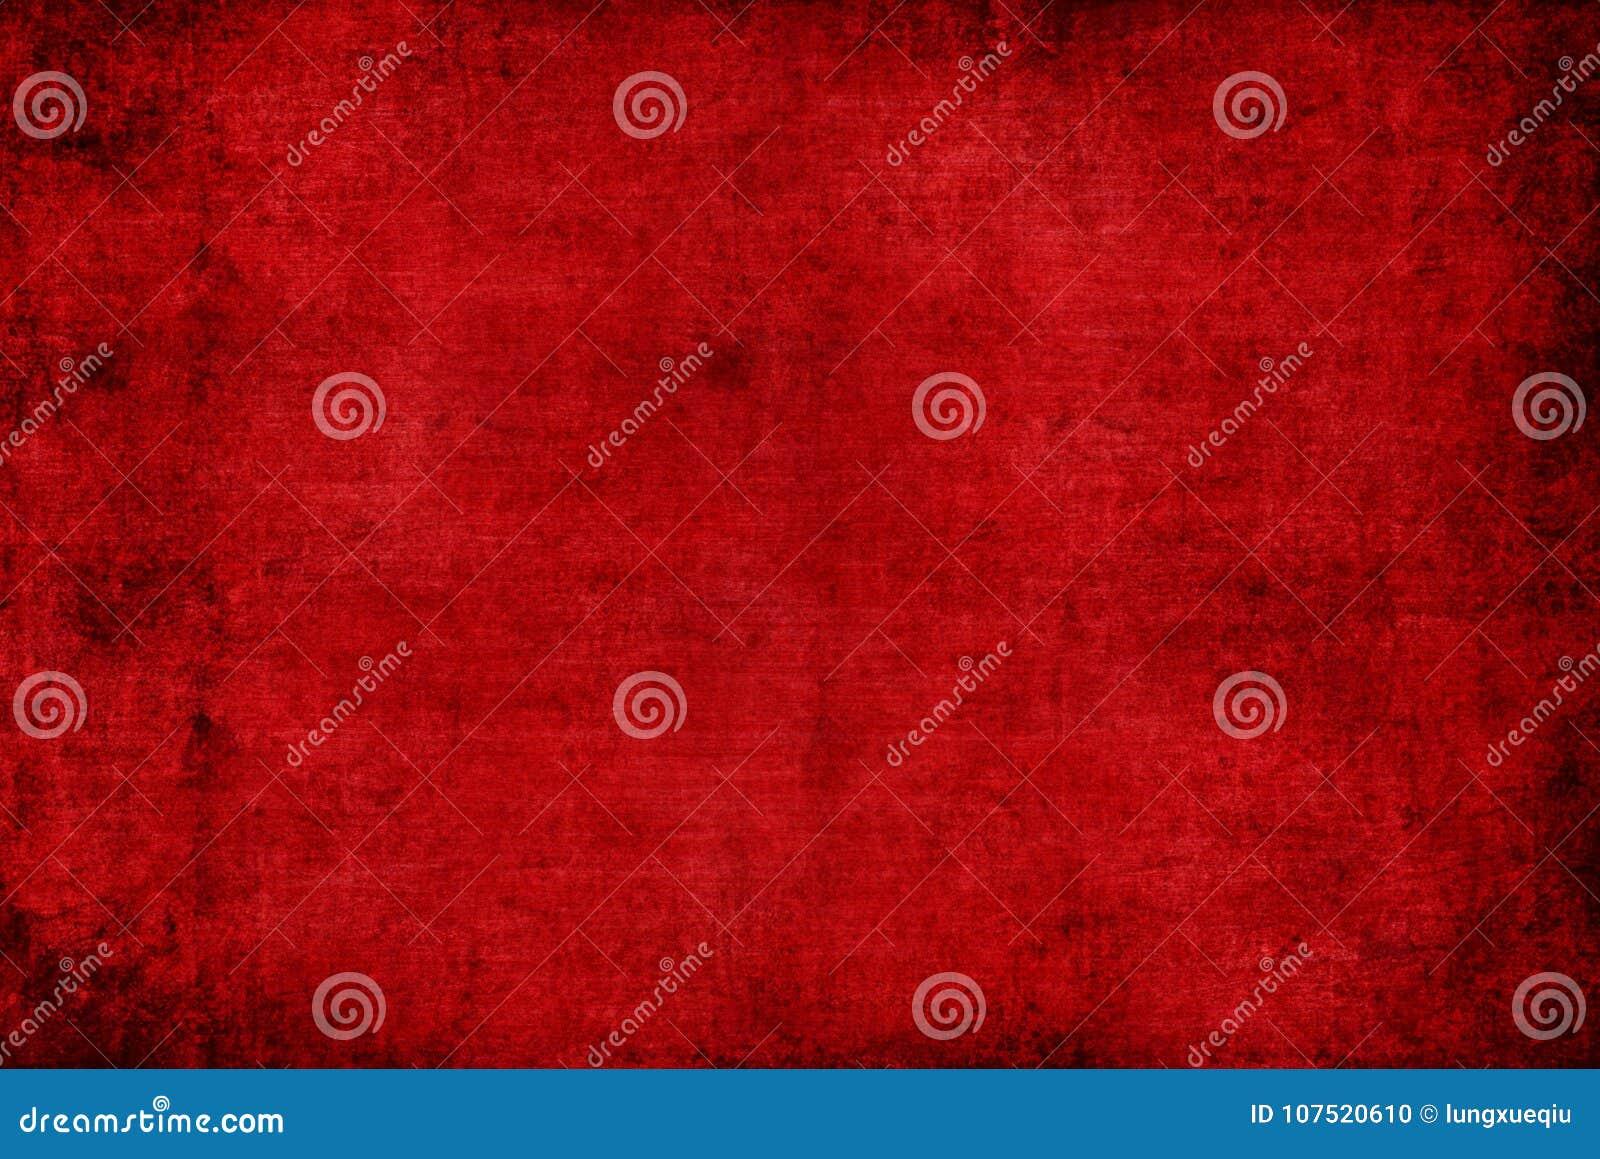 Vecchia carta da parati astratta rosso scuro del fondo del modello di struttura distorta lerciume